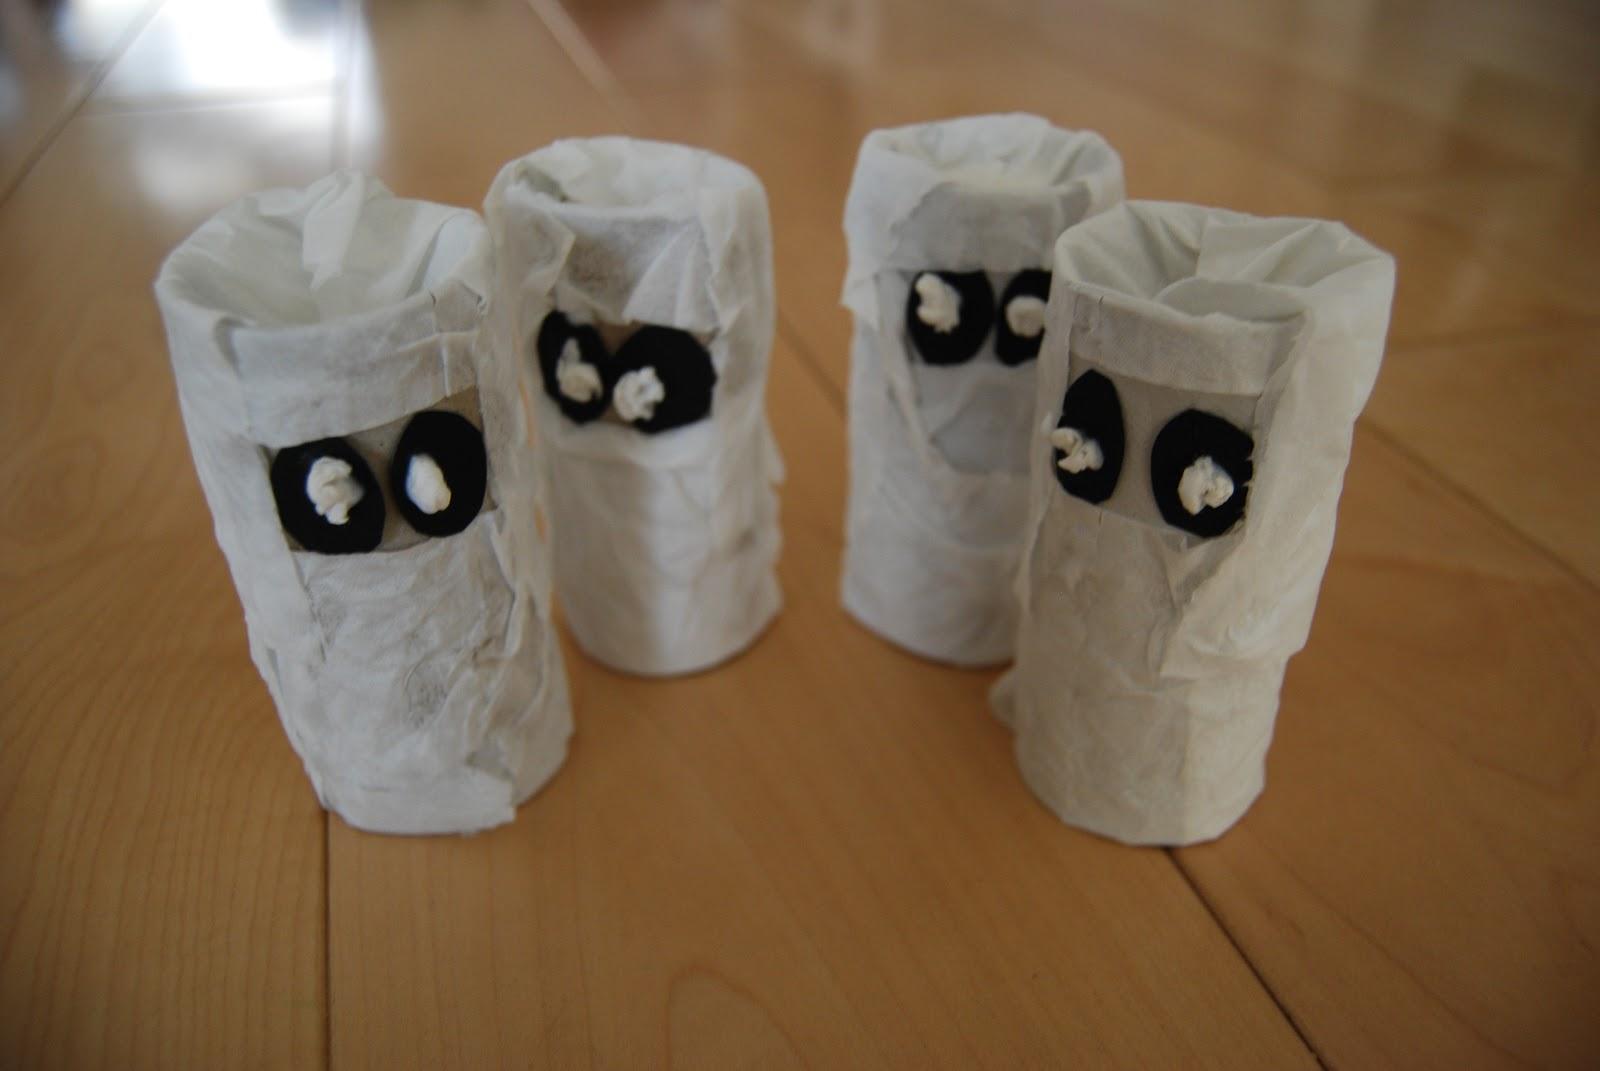 Assez Halloween fai da te: come realizzare tante fantastiche idee  WH09